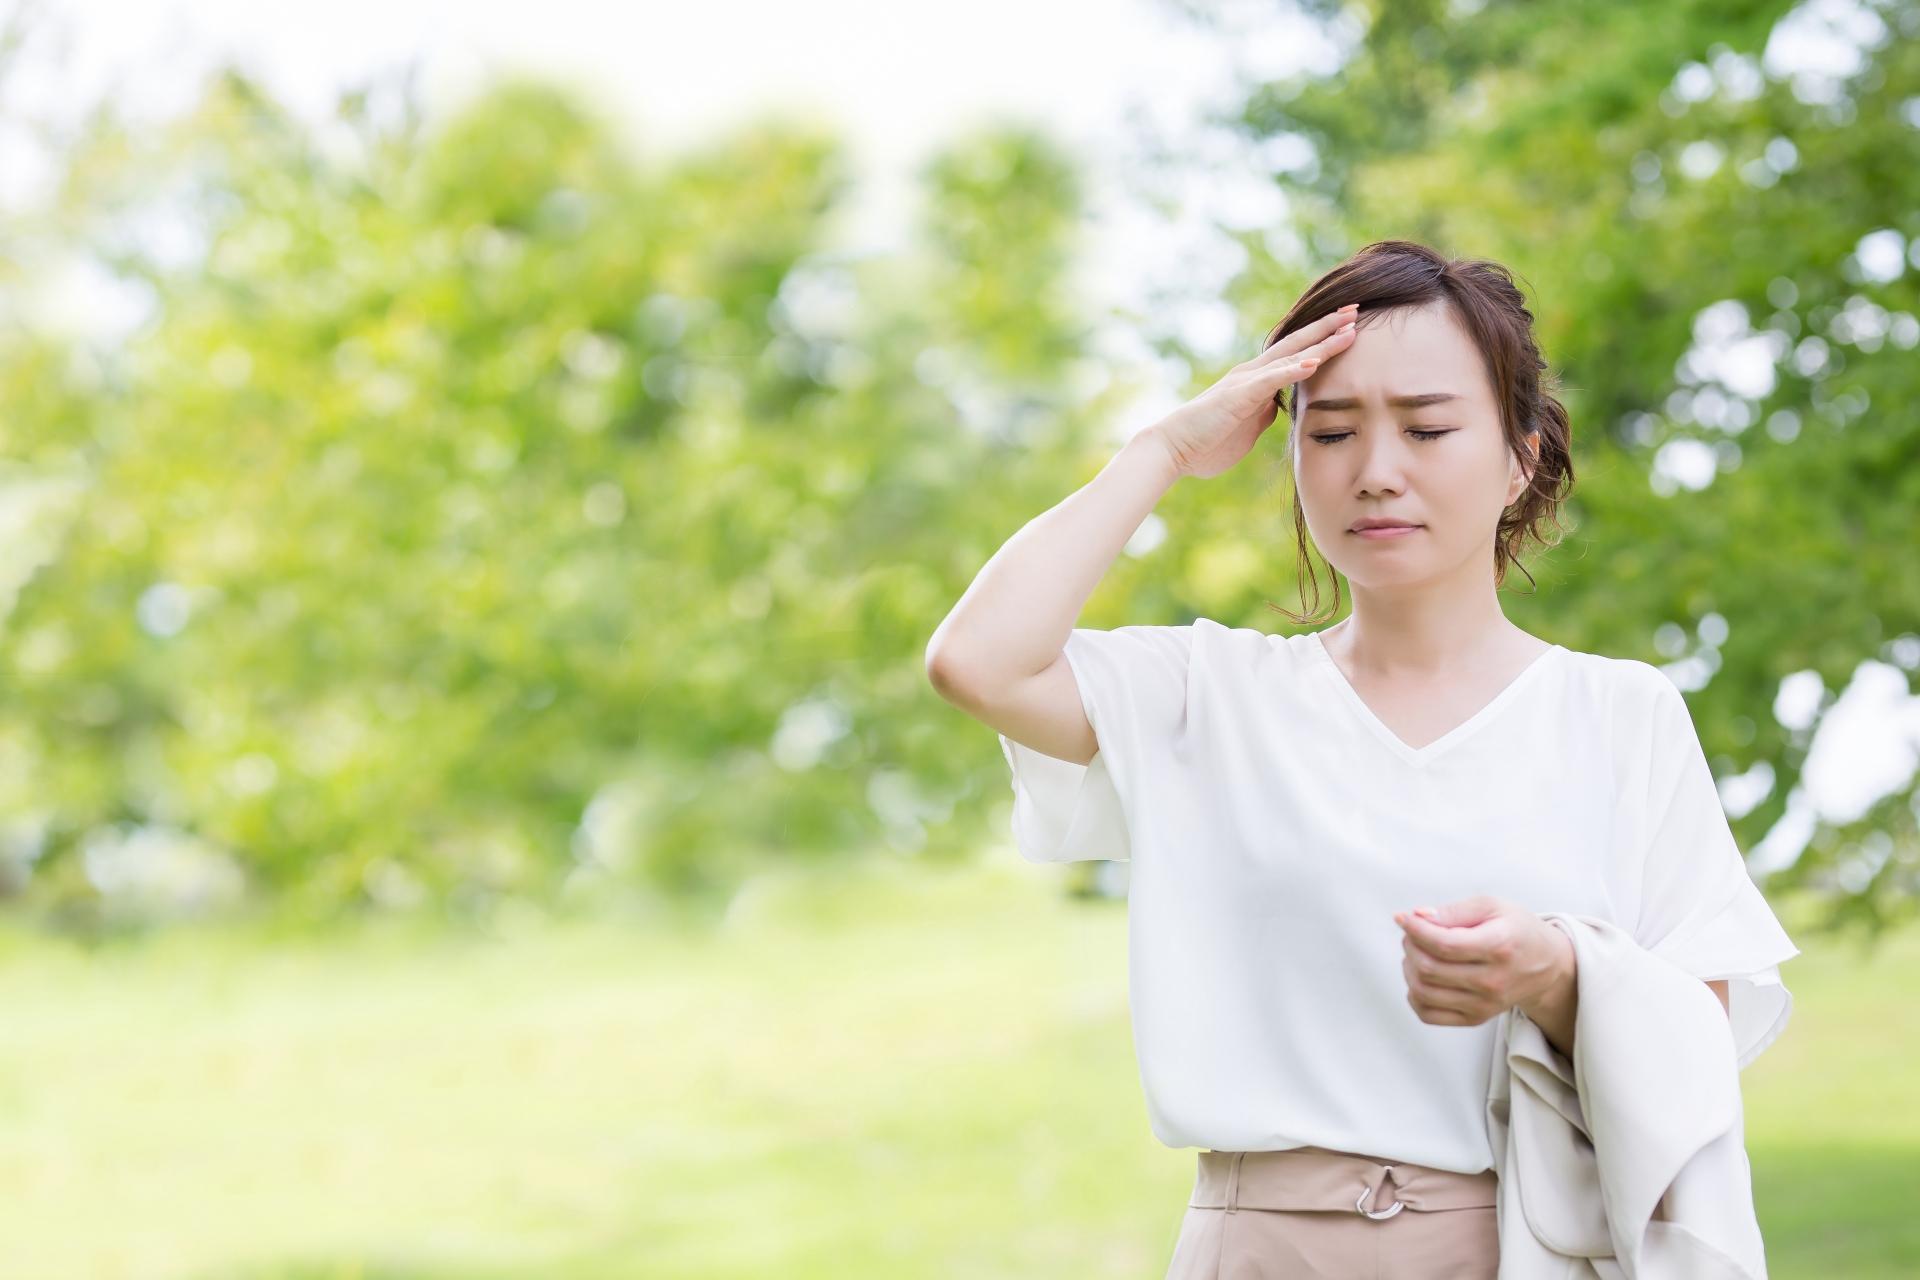 パニック障害は、夏の暑さで悪くなる? 不快な感覚と不安障害の関係